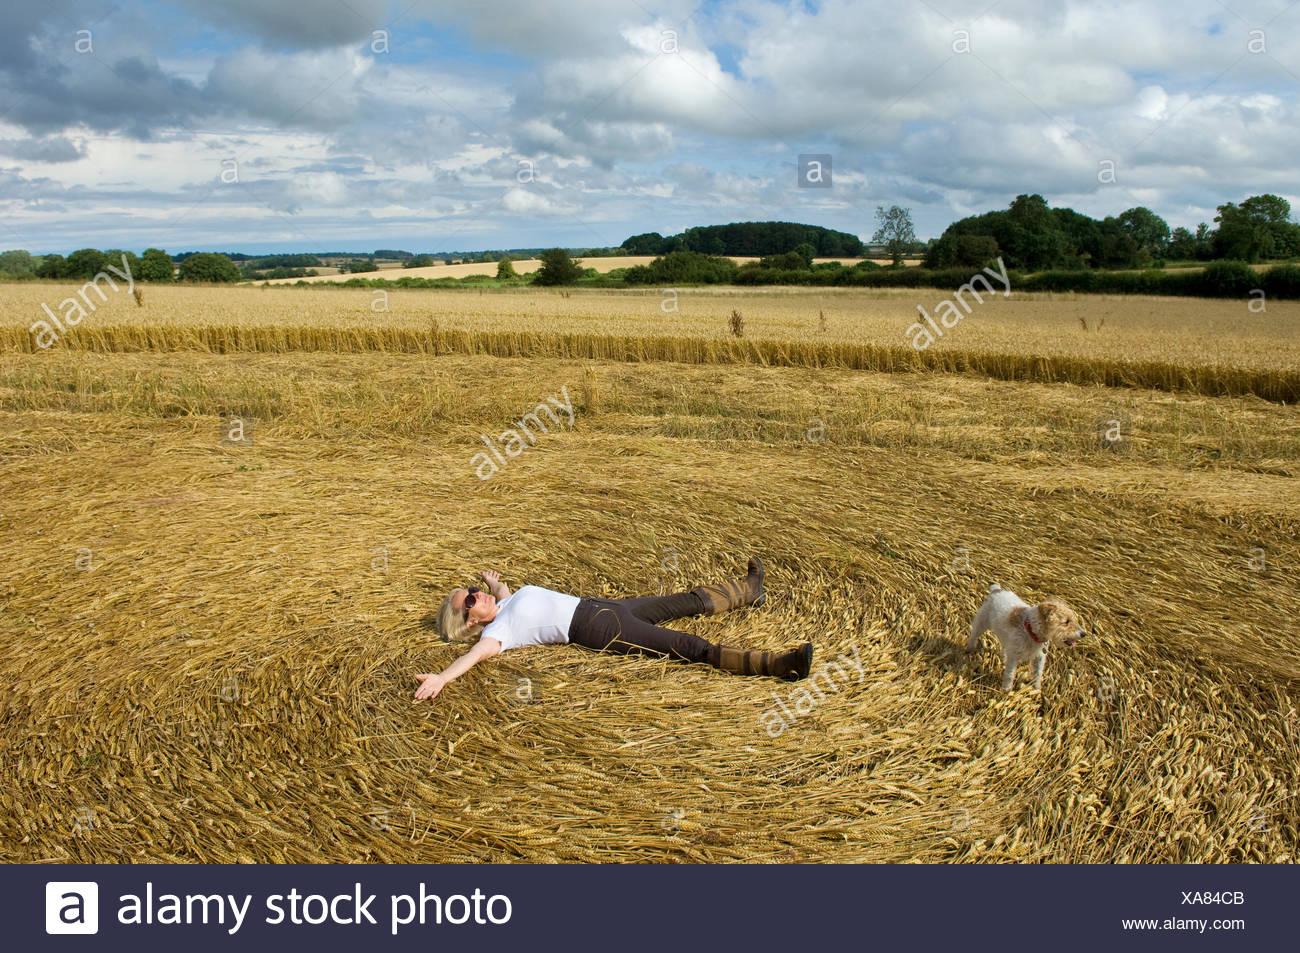 Ein Bauer auf seinem Rücken in die Stoppeln von einem frisch geschnittenen Ernte Feld Erstellen eines Musters im Stroh liegen. Stockbild